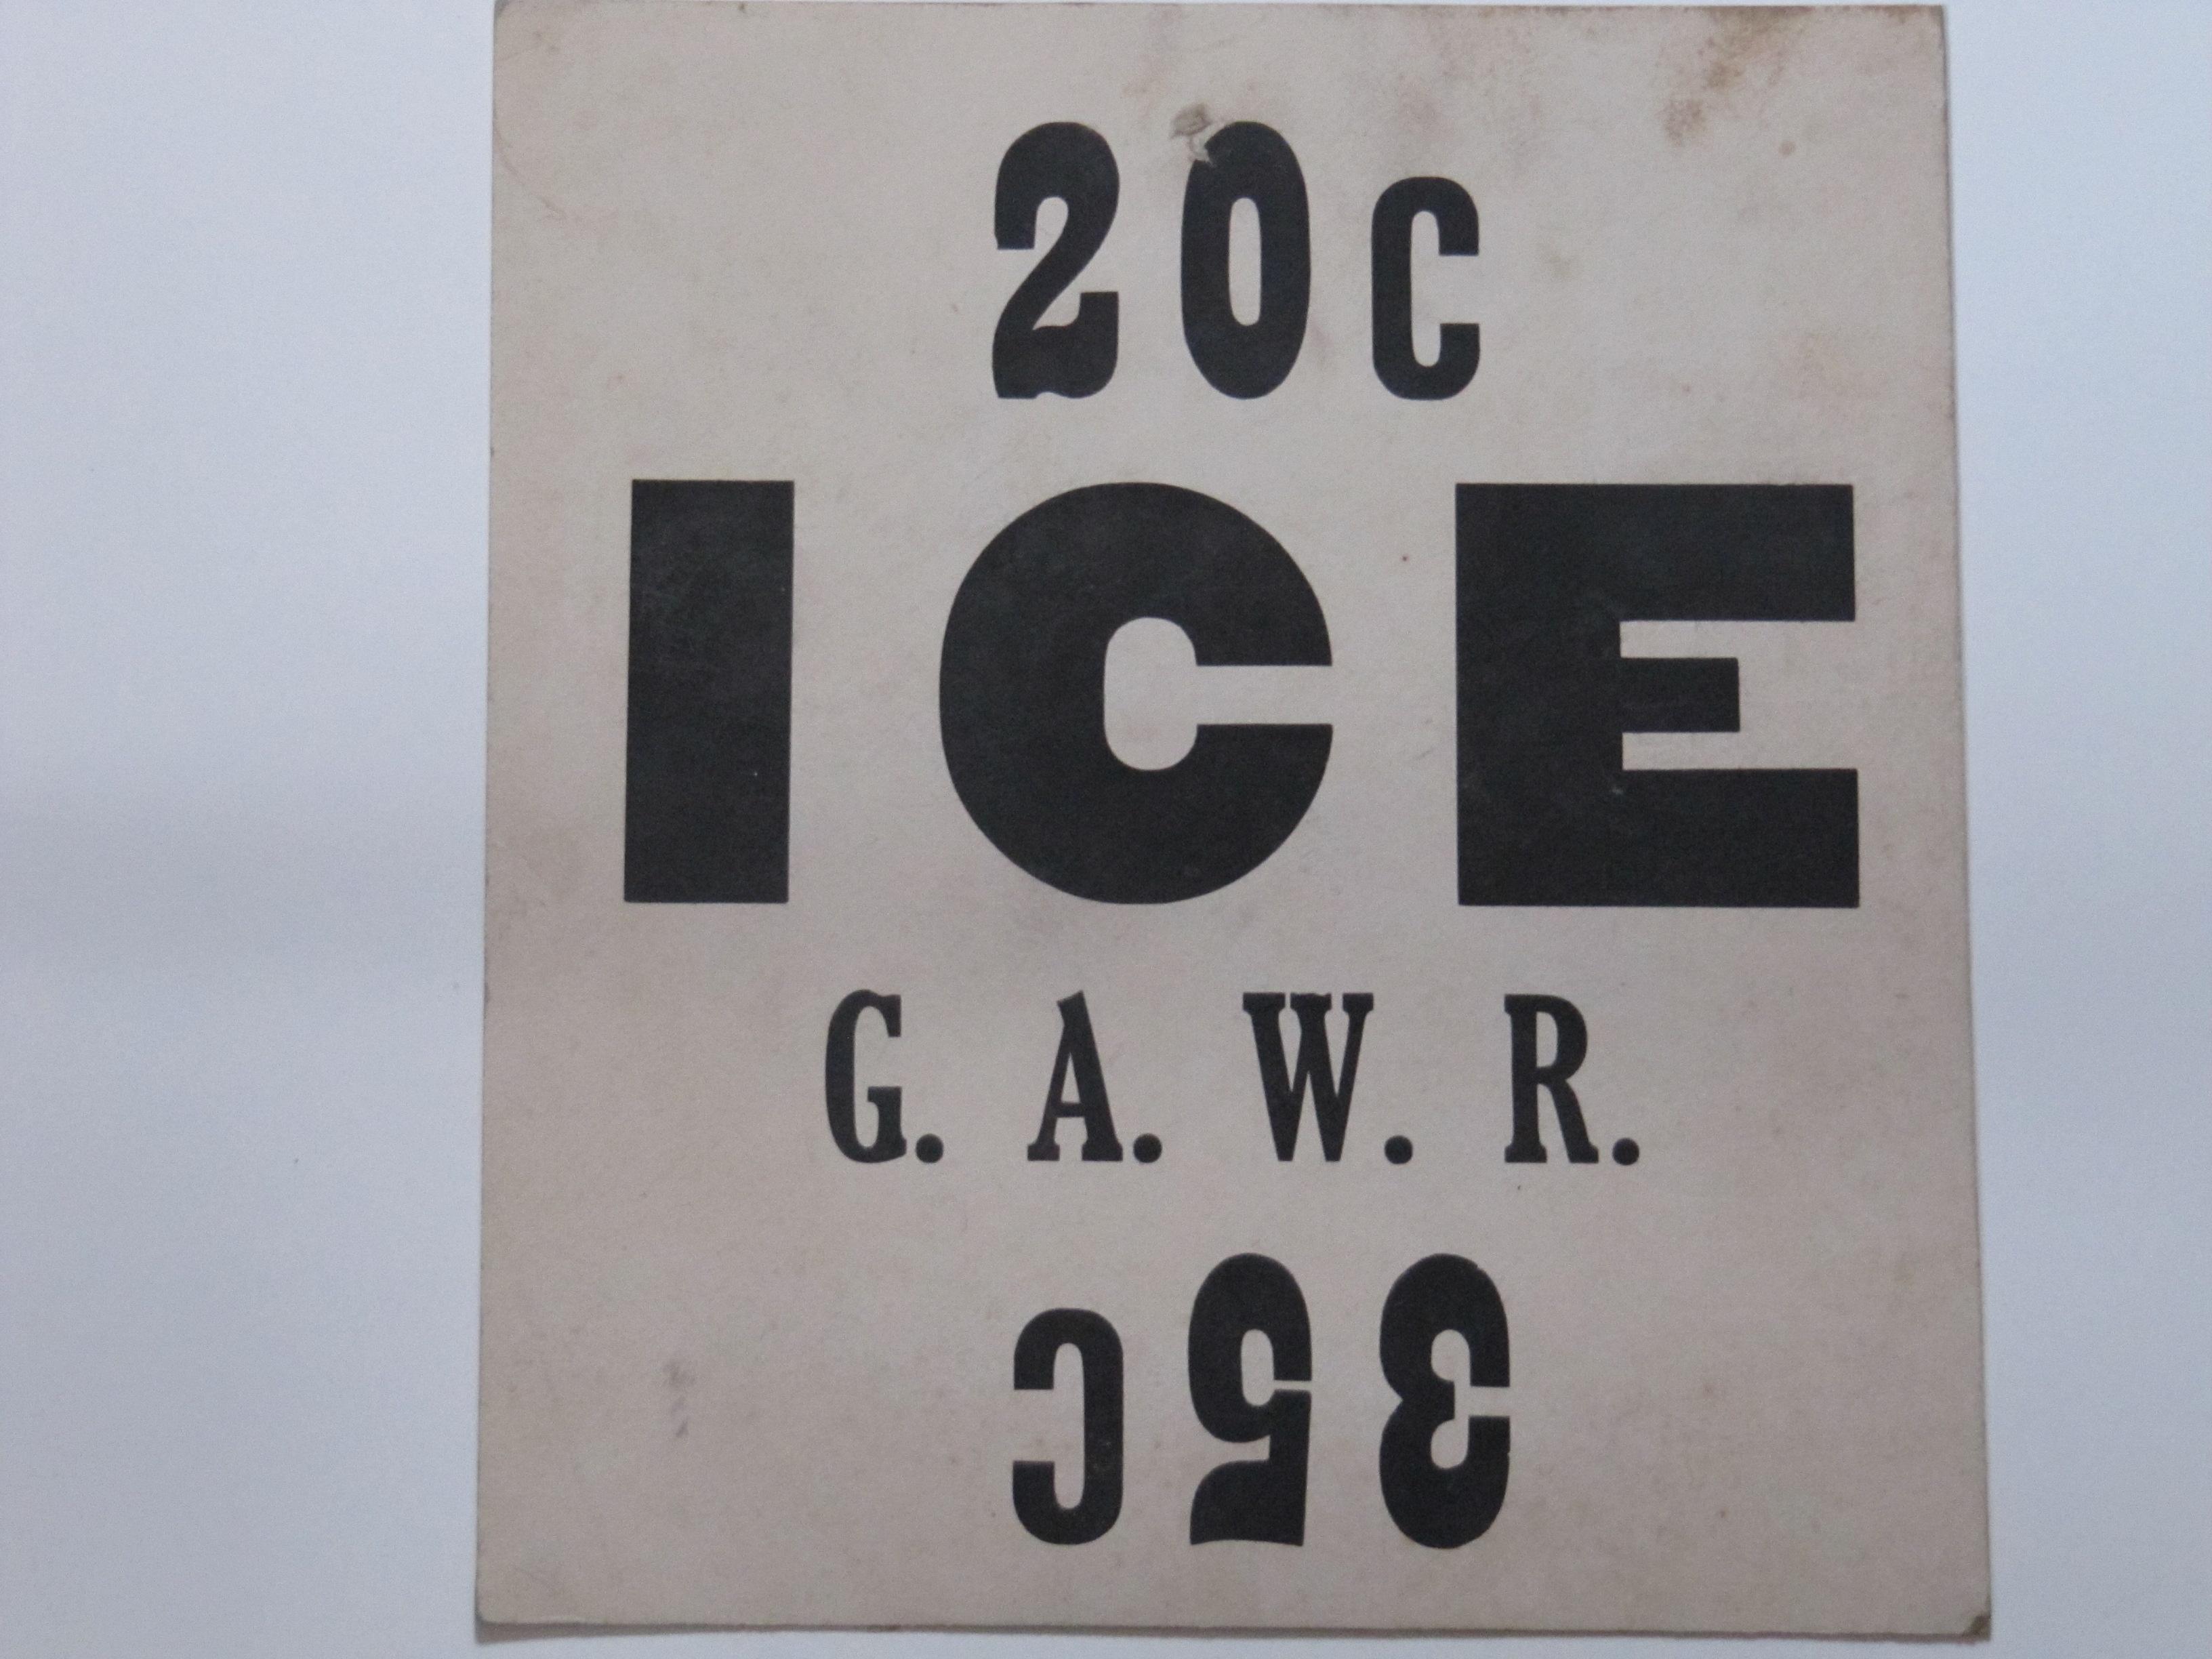 G.A.W.R.